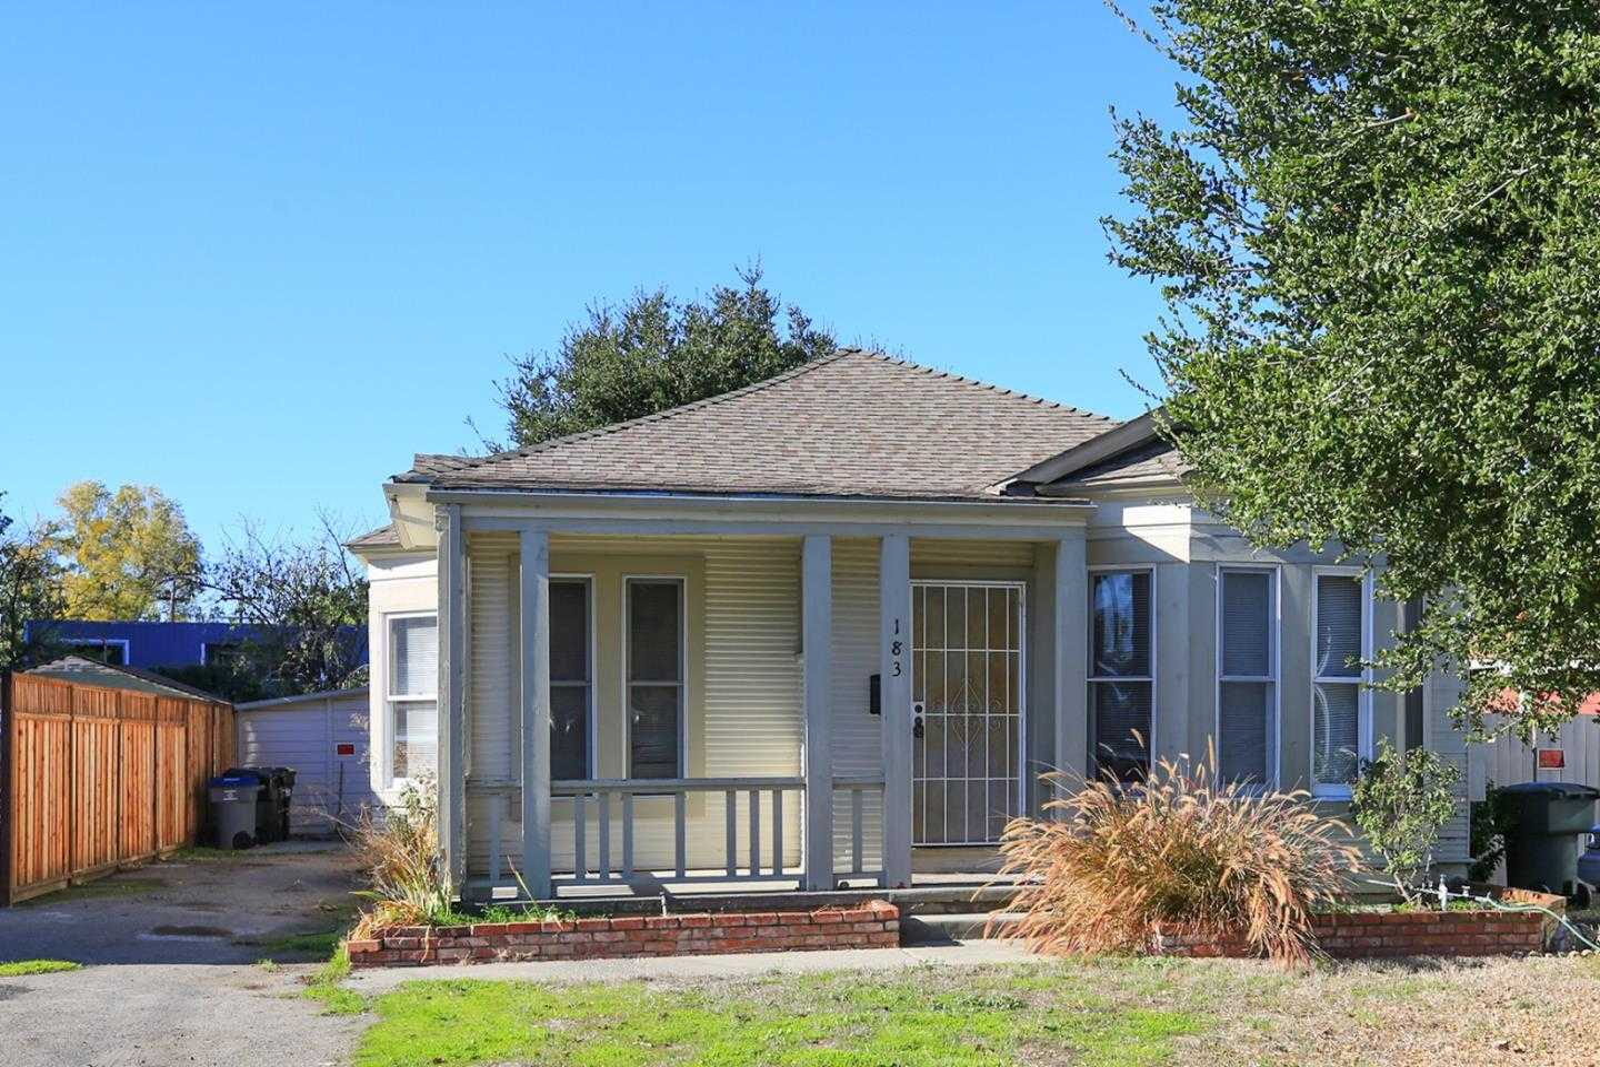 183 N Sunnyvale AVE SUNNYVALE, CA 94086